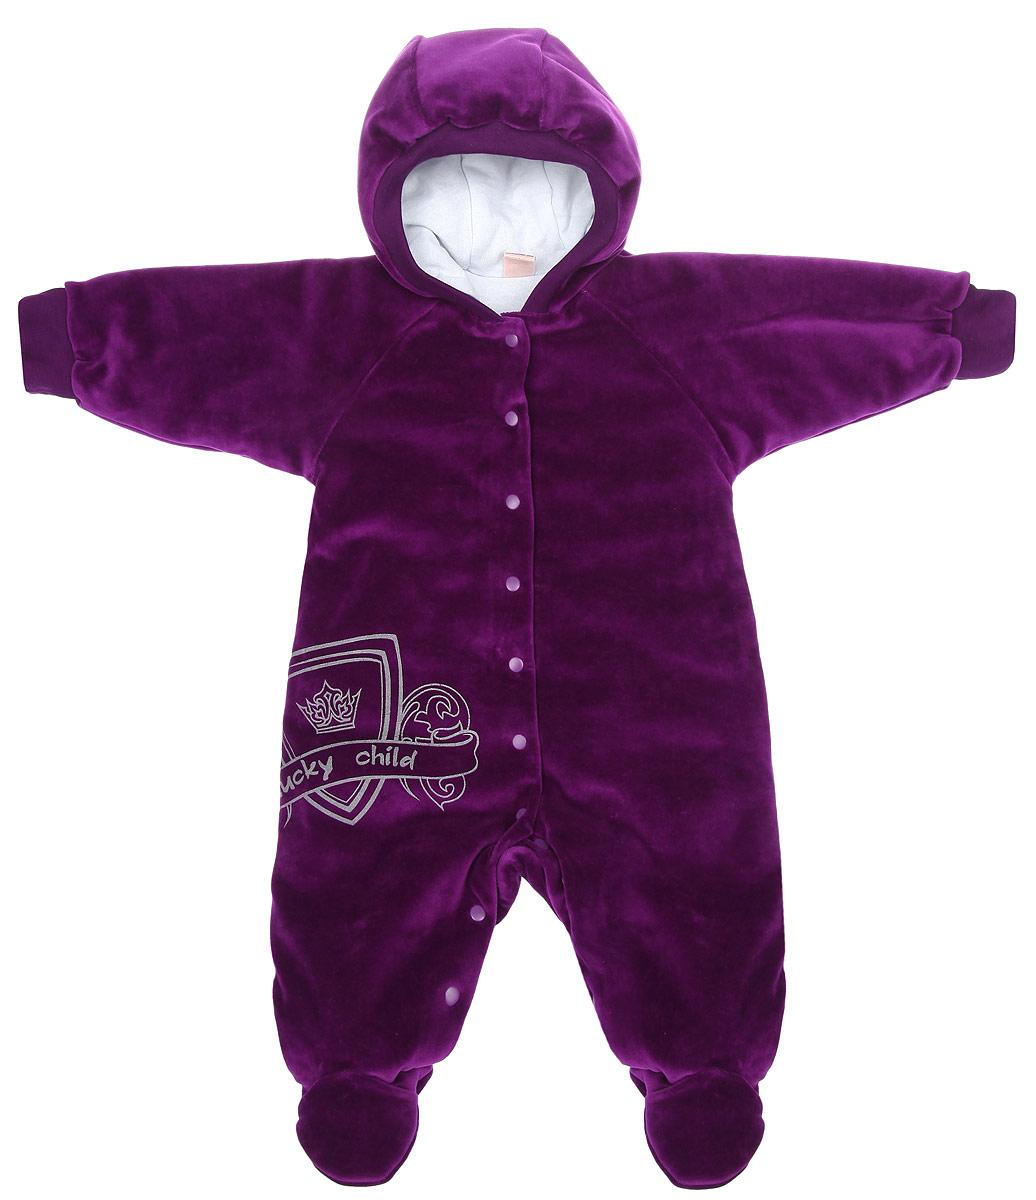 5-1Детский комбинезон Lucky Child - очень удобный и практичный вид одежды для малышей. Комбинезон выполнен из велюра на подкладке из натурального хлопка, благодаря чему он необычайно мягкий и приятный на ощупь, не раздражают нежную кожу ребенка и хорошо вентилируются, а эластичные швы приятны телу младенца и не препятствуют его движениям. В качестве утеплителя используется синтепон. Комбинезон с капюшоном, длинными рукавами-реглан и закрытыми ножками по центру застегивается на металлические застежки-кнопки, также имеются застежки-кнопки на ластовице, что помогает с легкостью переодеть младенца или сменить подгузник. Капюшон по краю дополнен широкой трикотажной резинкой. Рукава понизу дополнены широкими эластичными манжетами, которые мягко обхватывают запястья. Спереди изделие оформлено оригинальным принтом в виде логотипа бренда. С детским комбинезоном Lucky Child спинка и ножки вашего малыша всегда будут в тепле. Комбинезон полностью соответствует особенностям жизни младенца...